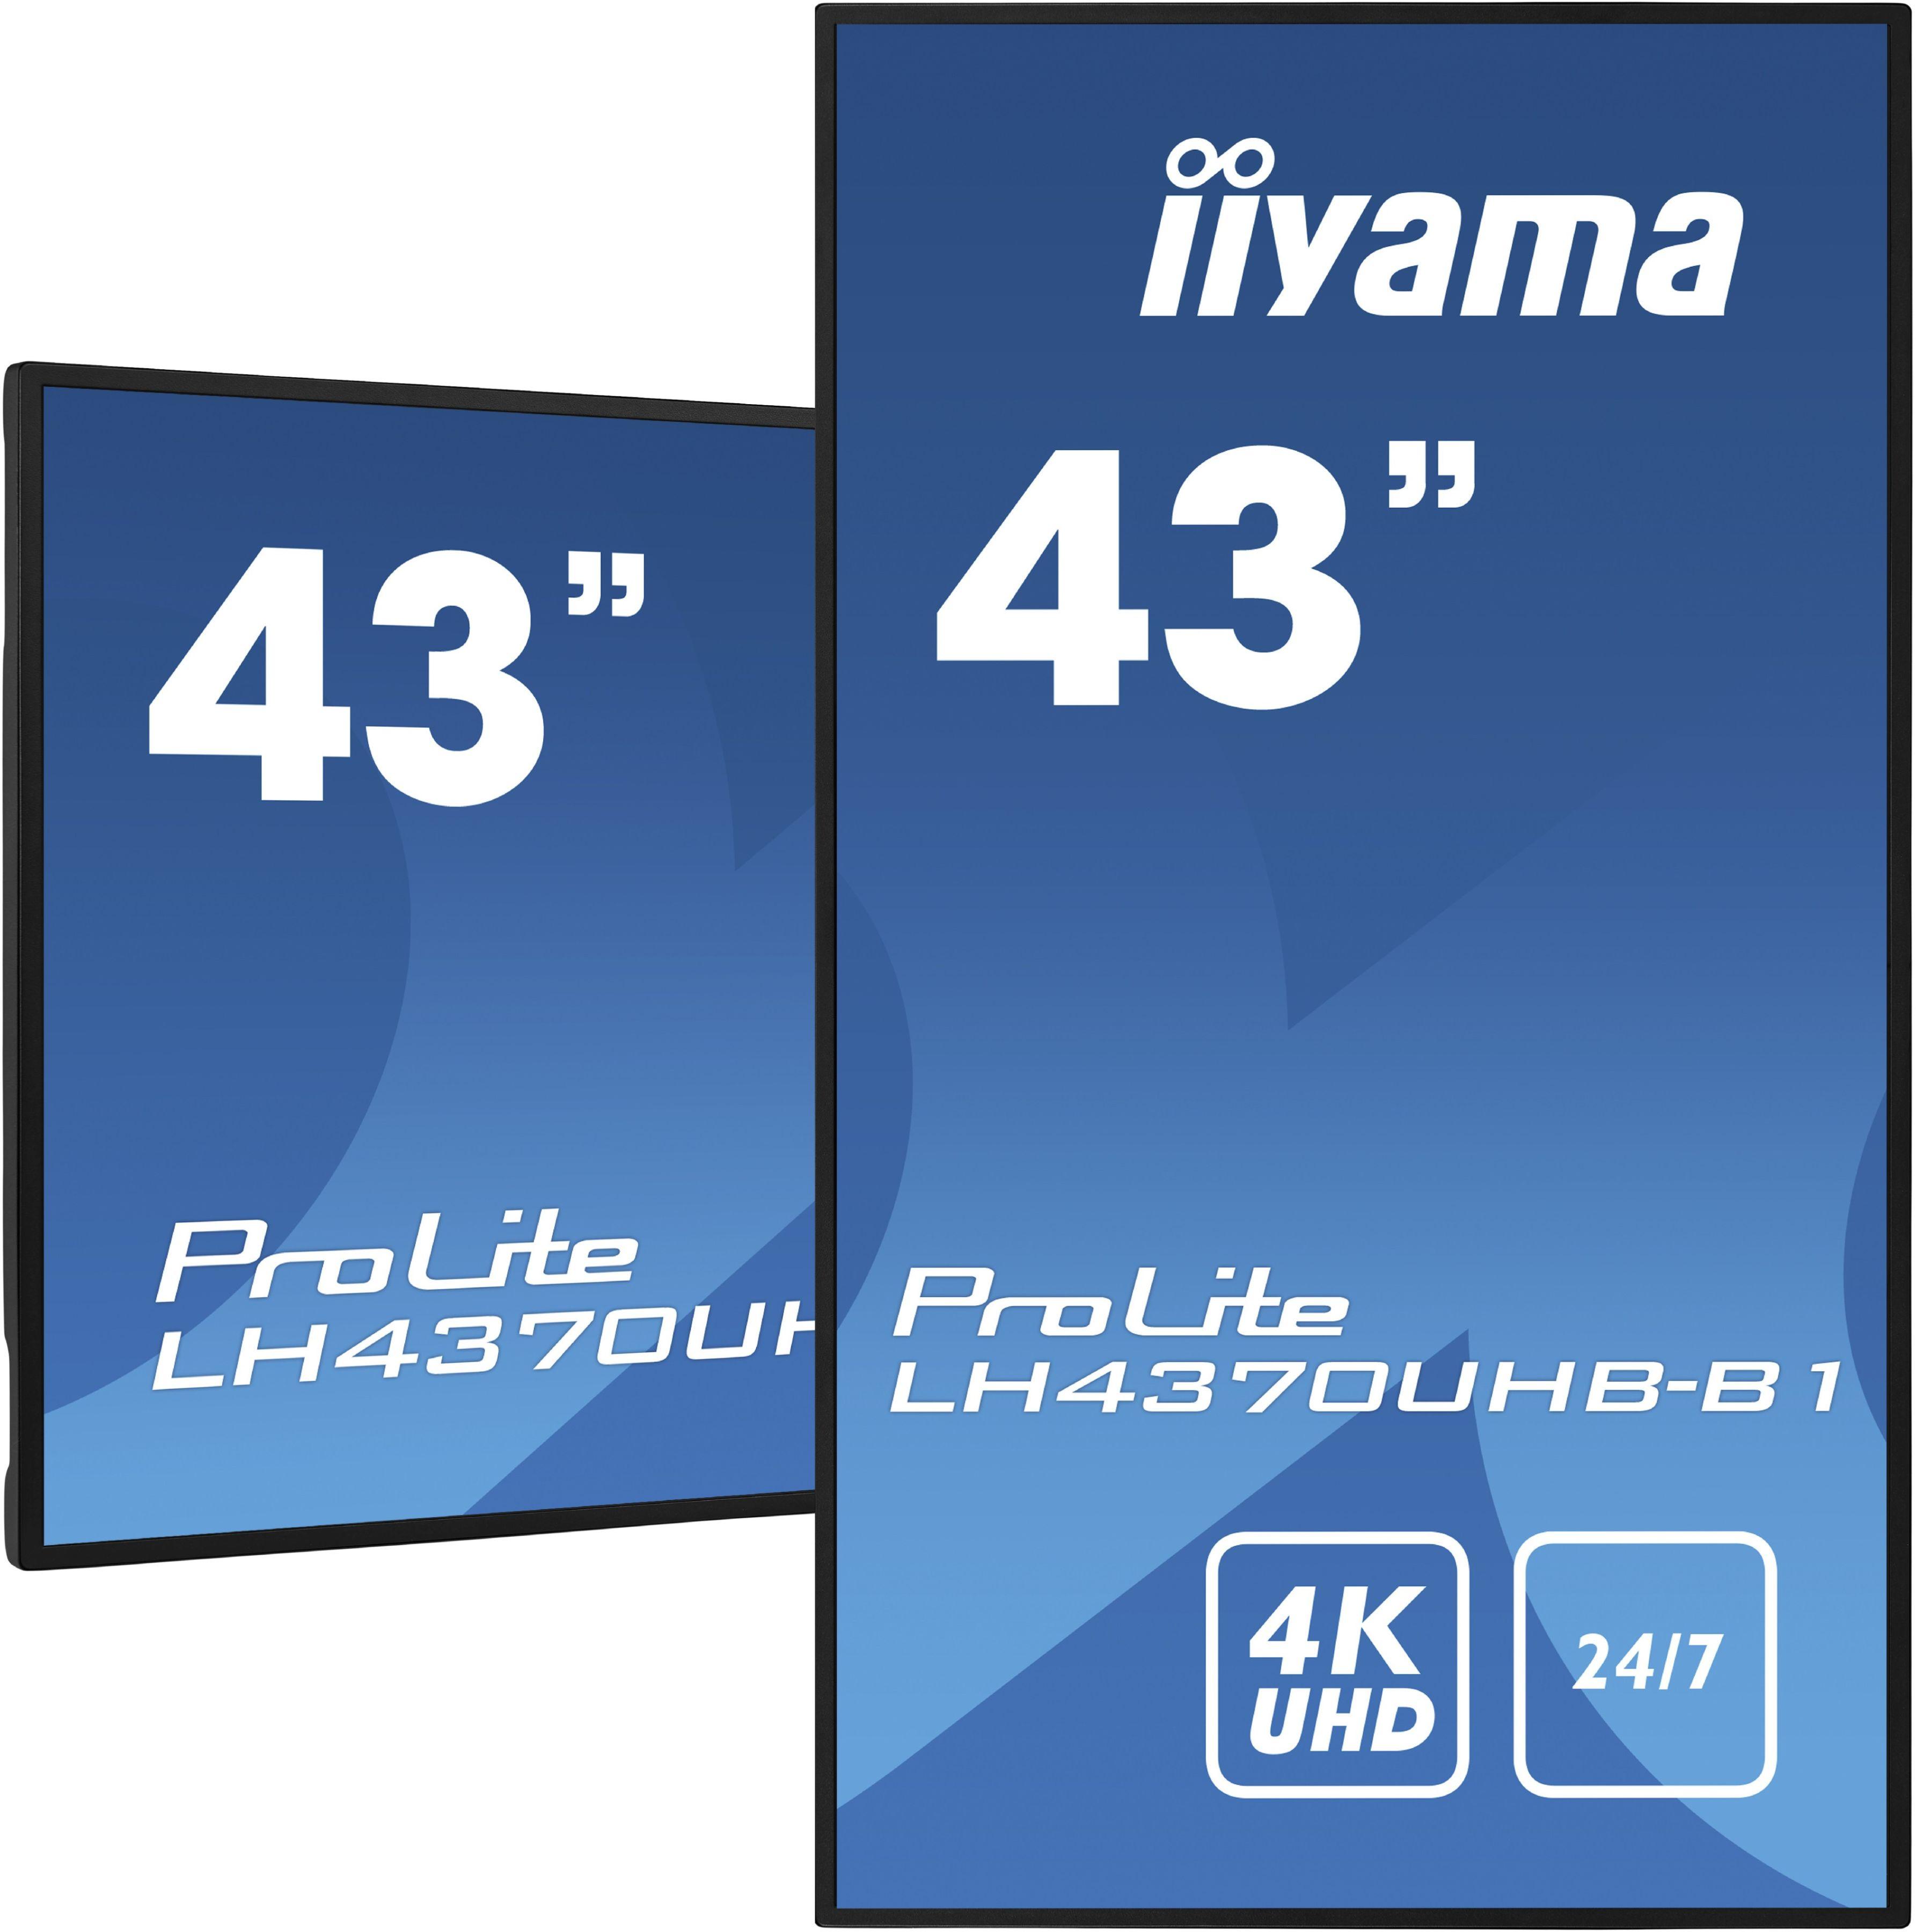 """iiyama LH4370UHB-B1 43"""" profesjonalny wyświetlacz Digital Signage 4K UHD, wysoką jasnością 700cd/m  i czasem pracy 24/7 + WYSYŁKA W 24H GRATIS !! AUTORYZOWANY SKLEP IIYAMA"""